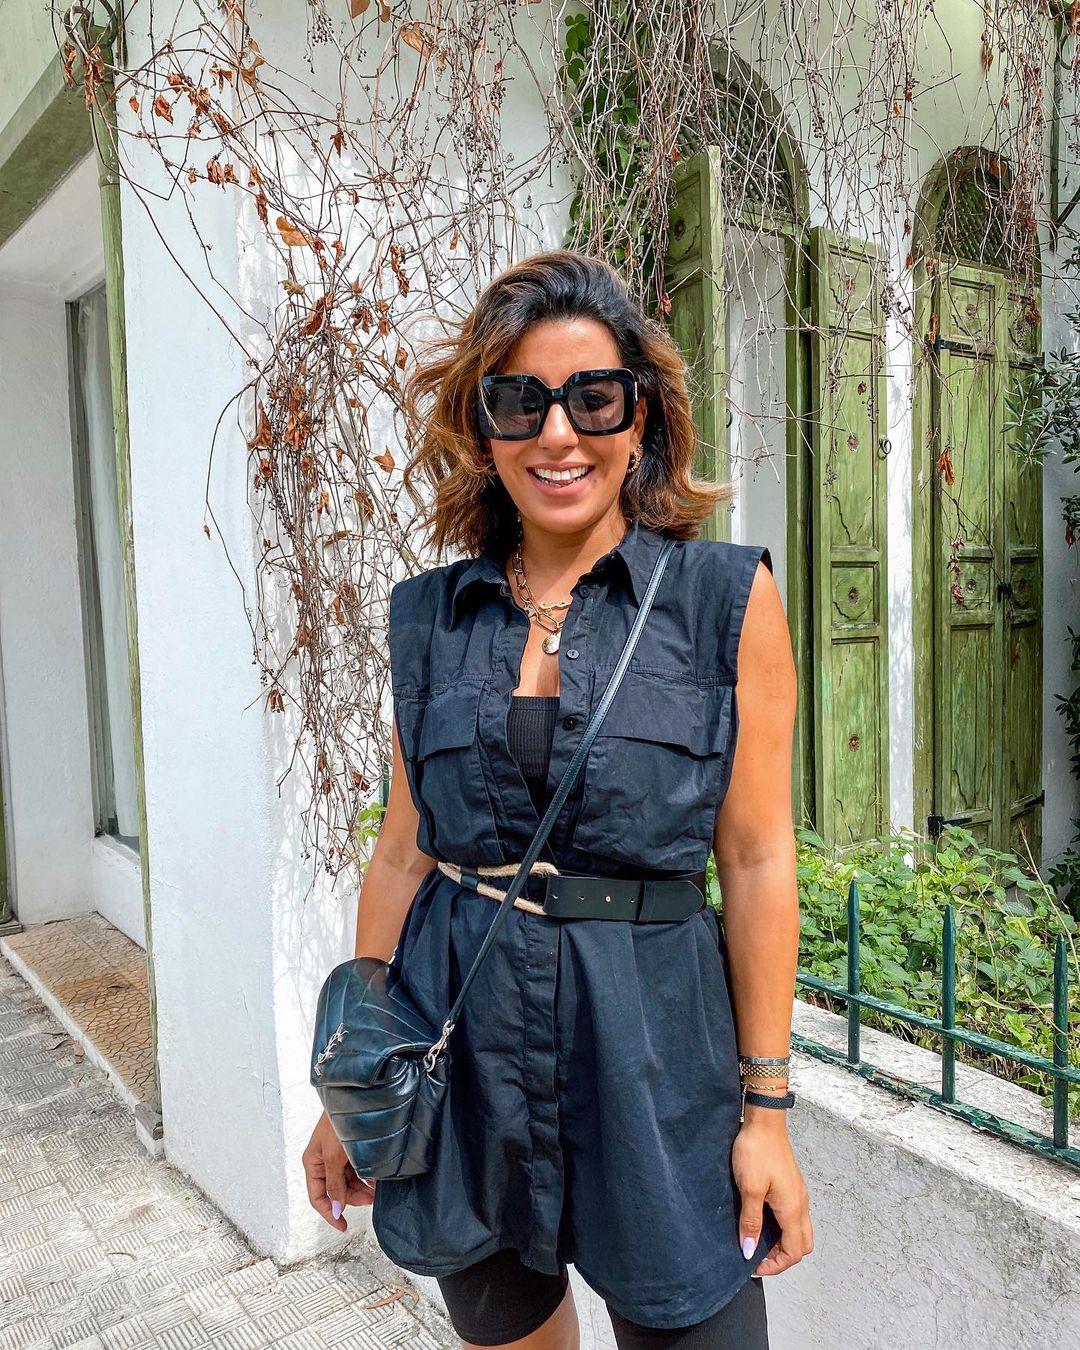 Amina Minouch